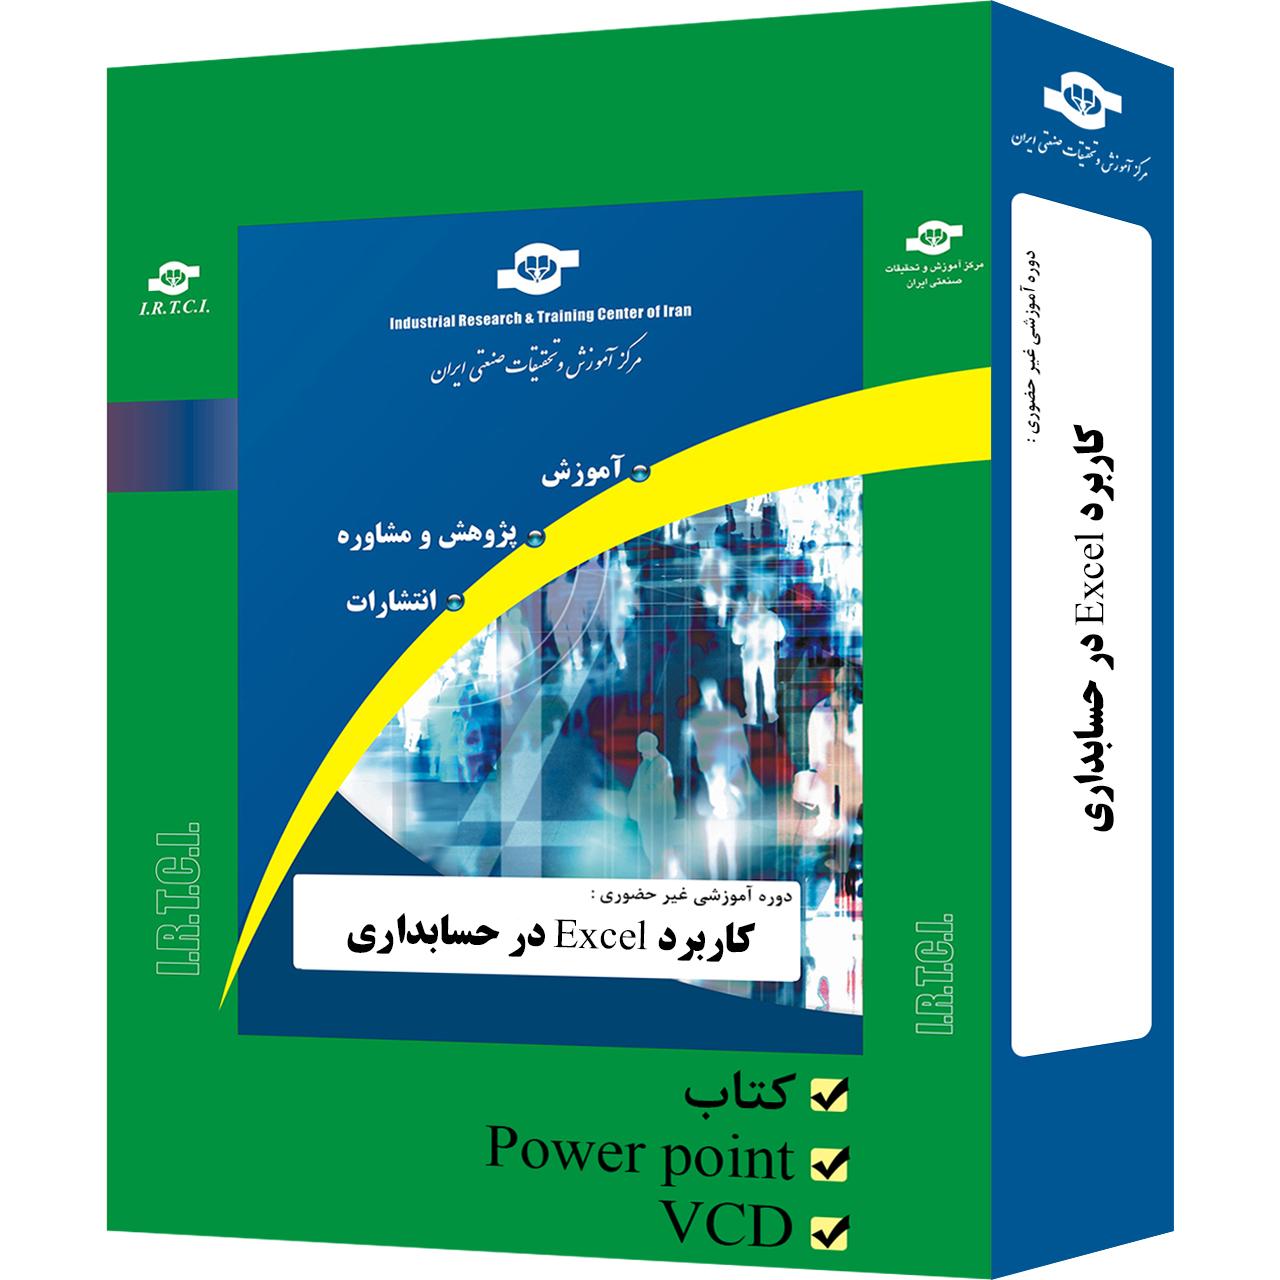 بسته آموزشی غیر حضوری کاربرد EXCEL در حسابداری تدوین مرکز آموزش و تحقیقات صنعتی ایران